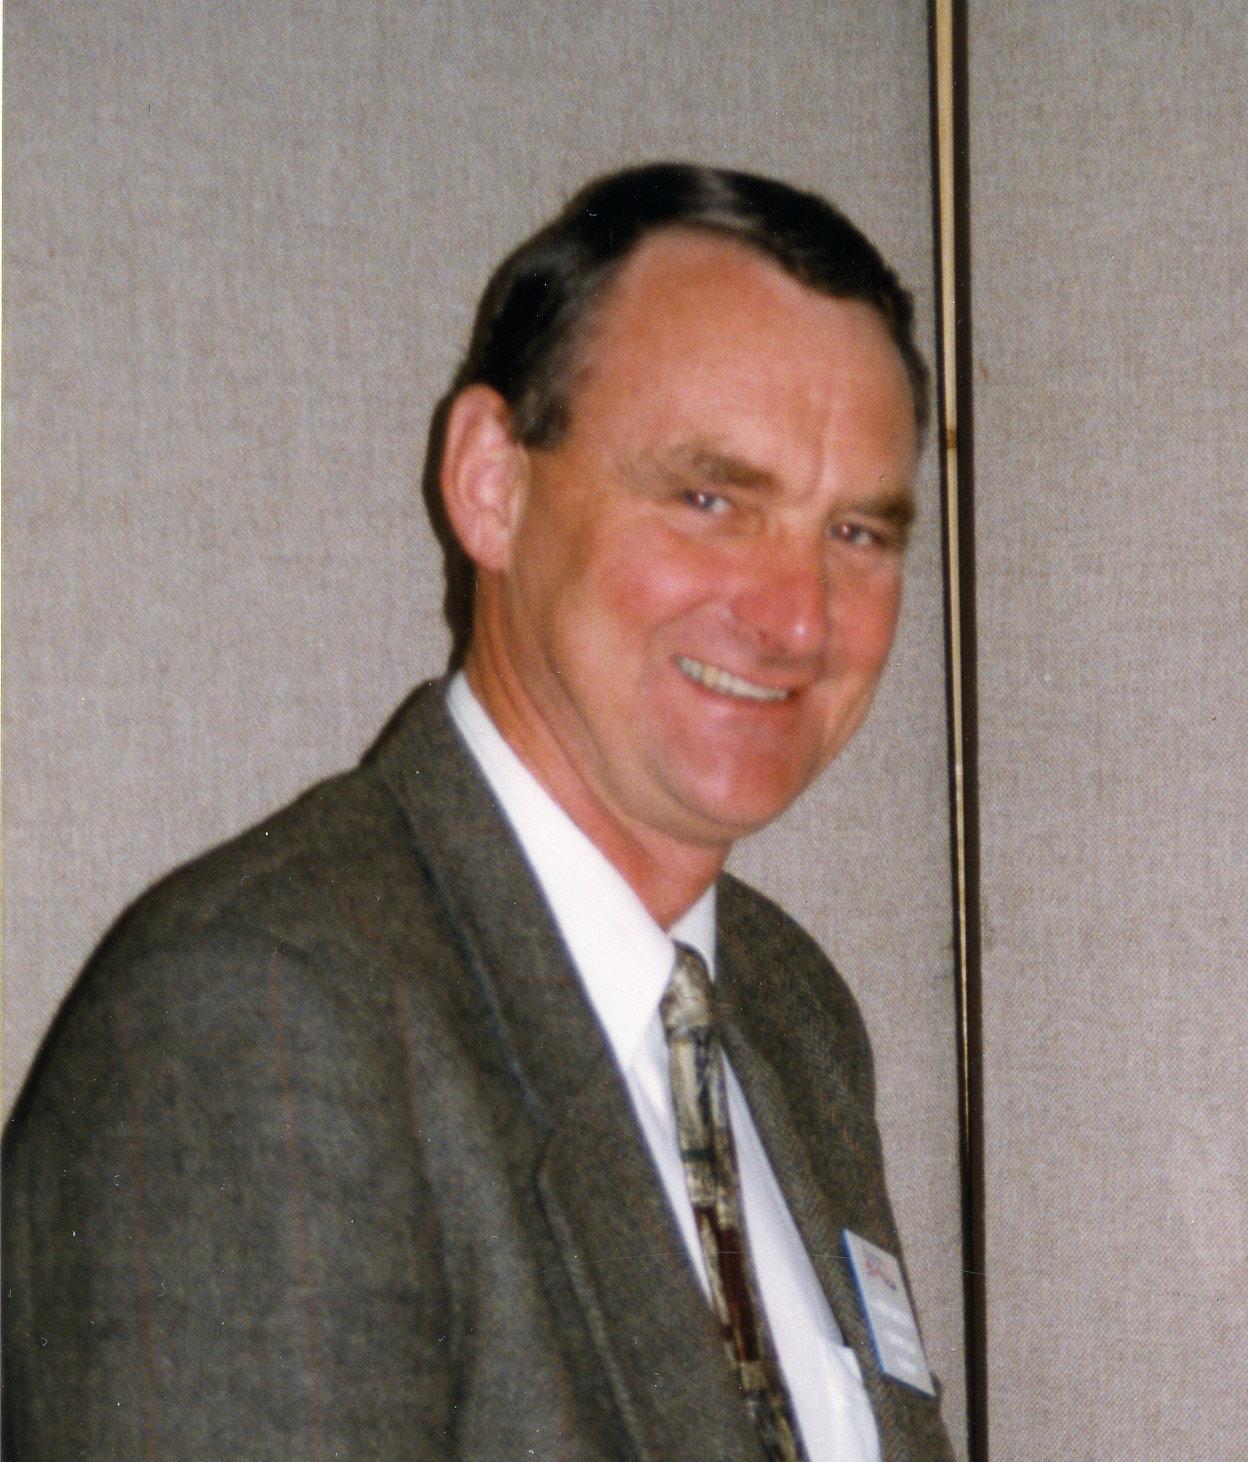 Homme souriant vêtu d'un habit et cravate.